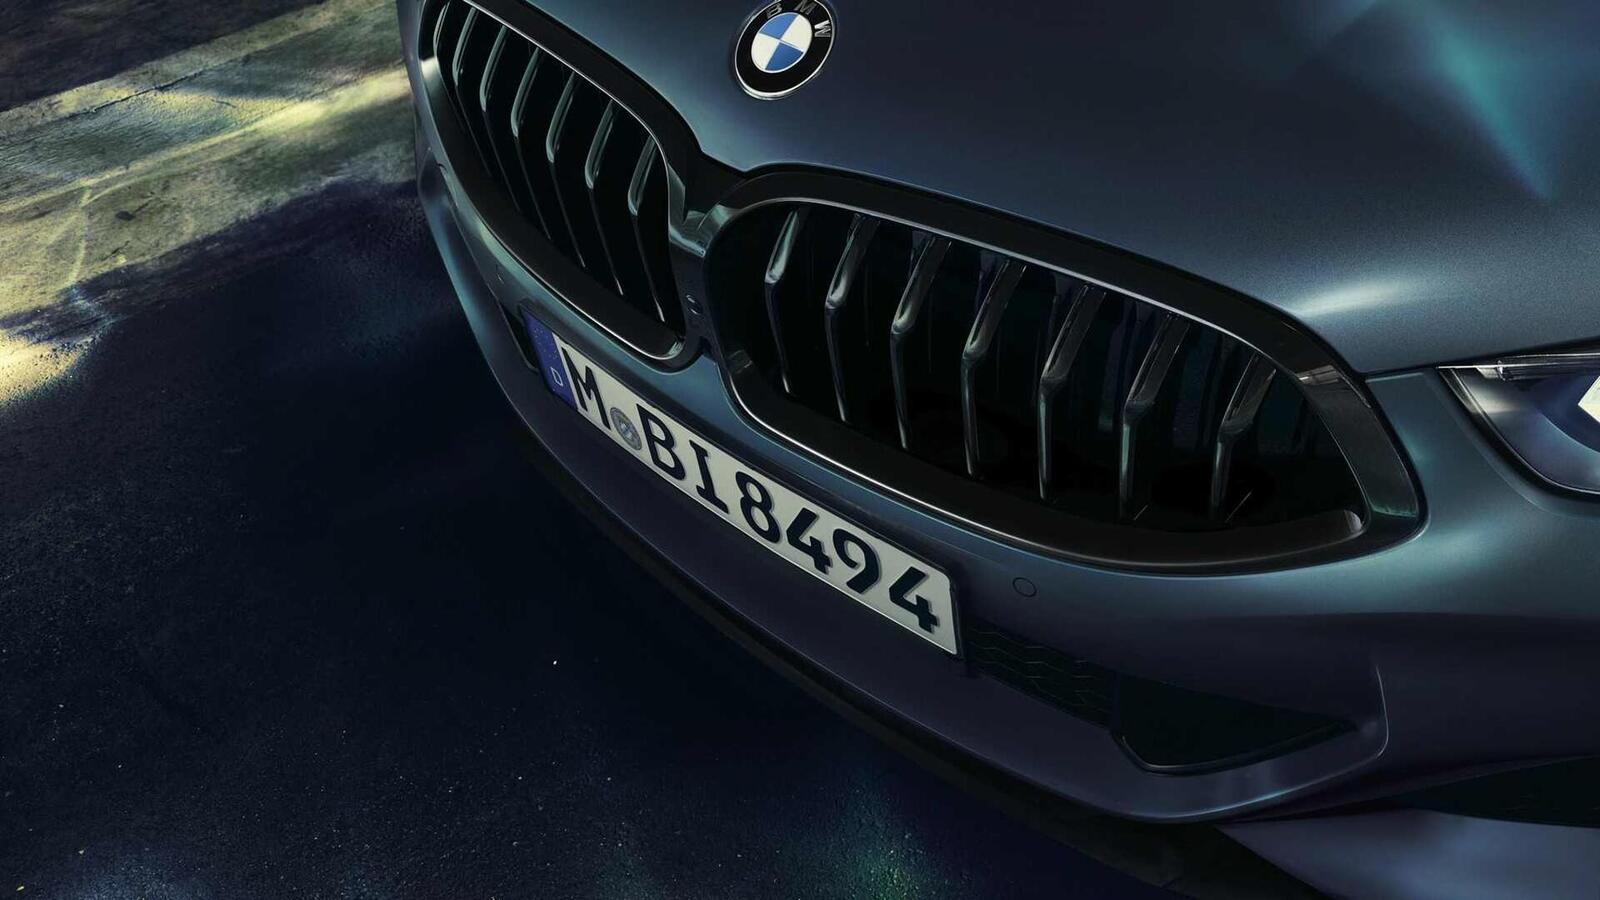 """BMW giới thiệu M850i xDrive Coupe """"First Edition"""" giới hạn sản xuất 400 chiếc trên toàn thế giới - Hình 3"""